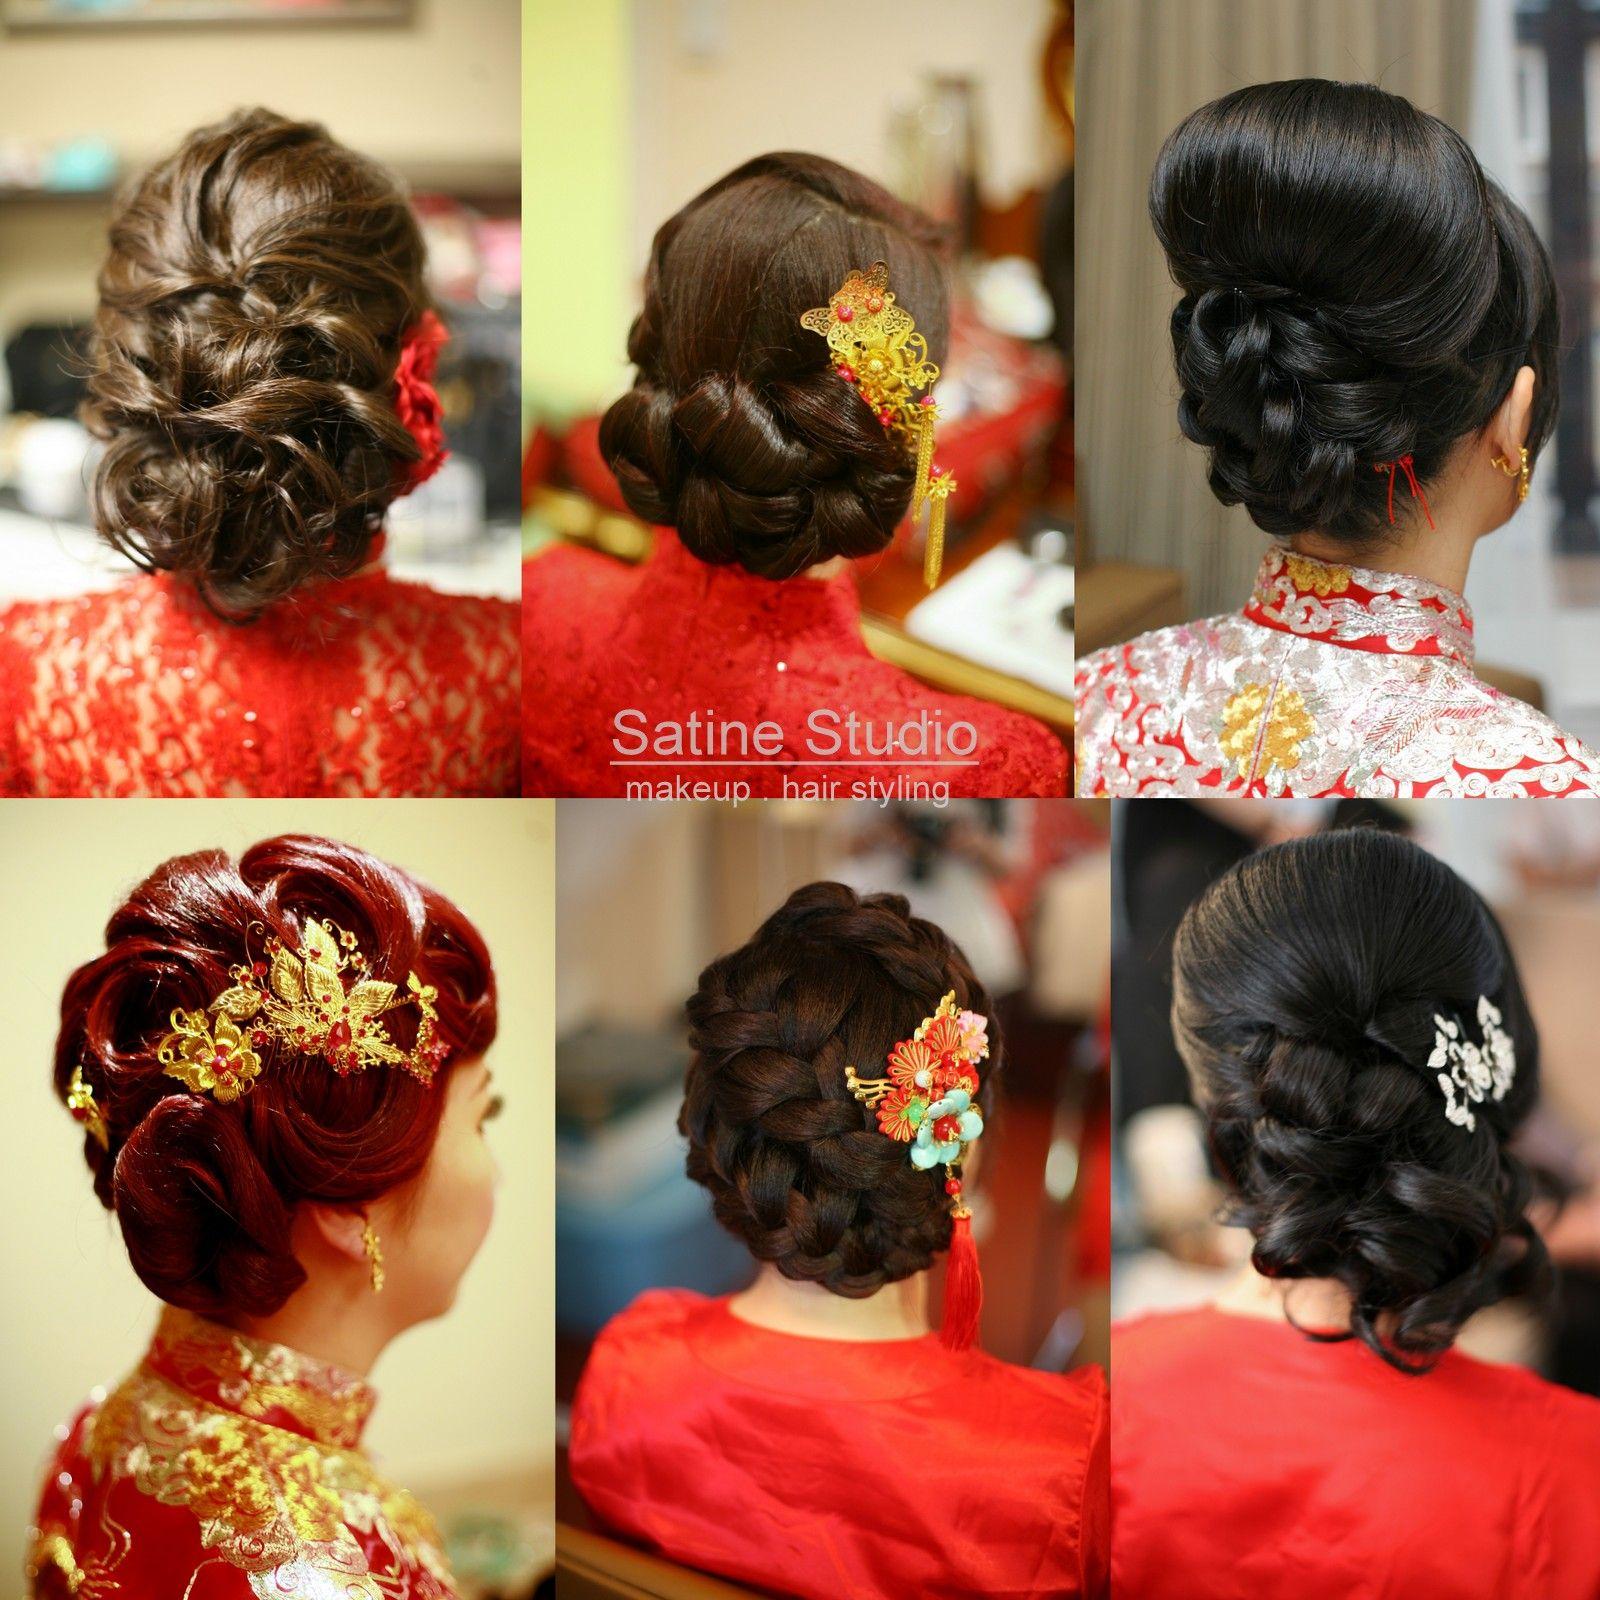 Chinese Wedding Hairstyles Satinestudio Com Bridal Updo Toronto Short Wedding Hair Wedding Hairstyles Asian Wedding Hairstyles Updo